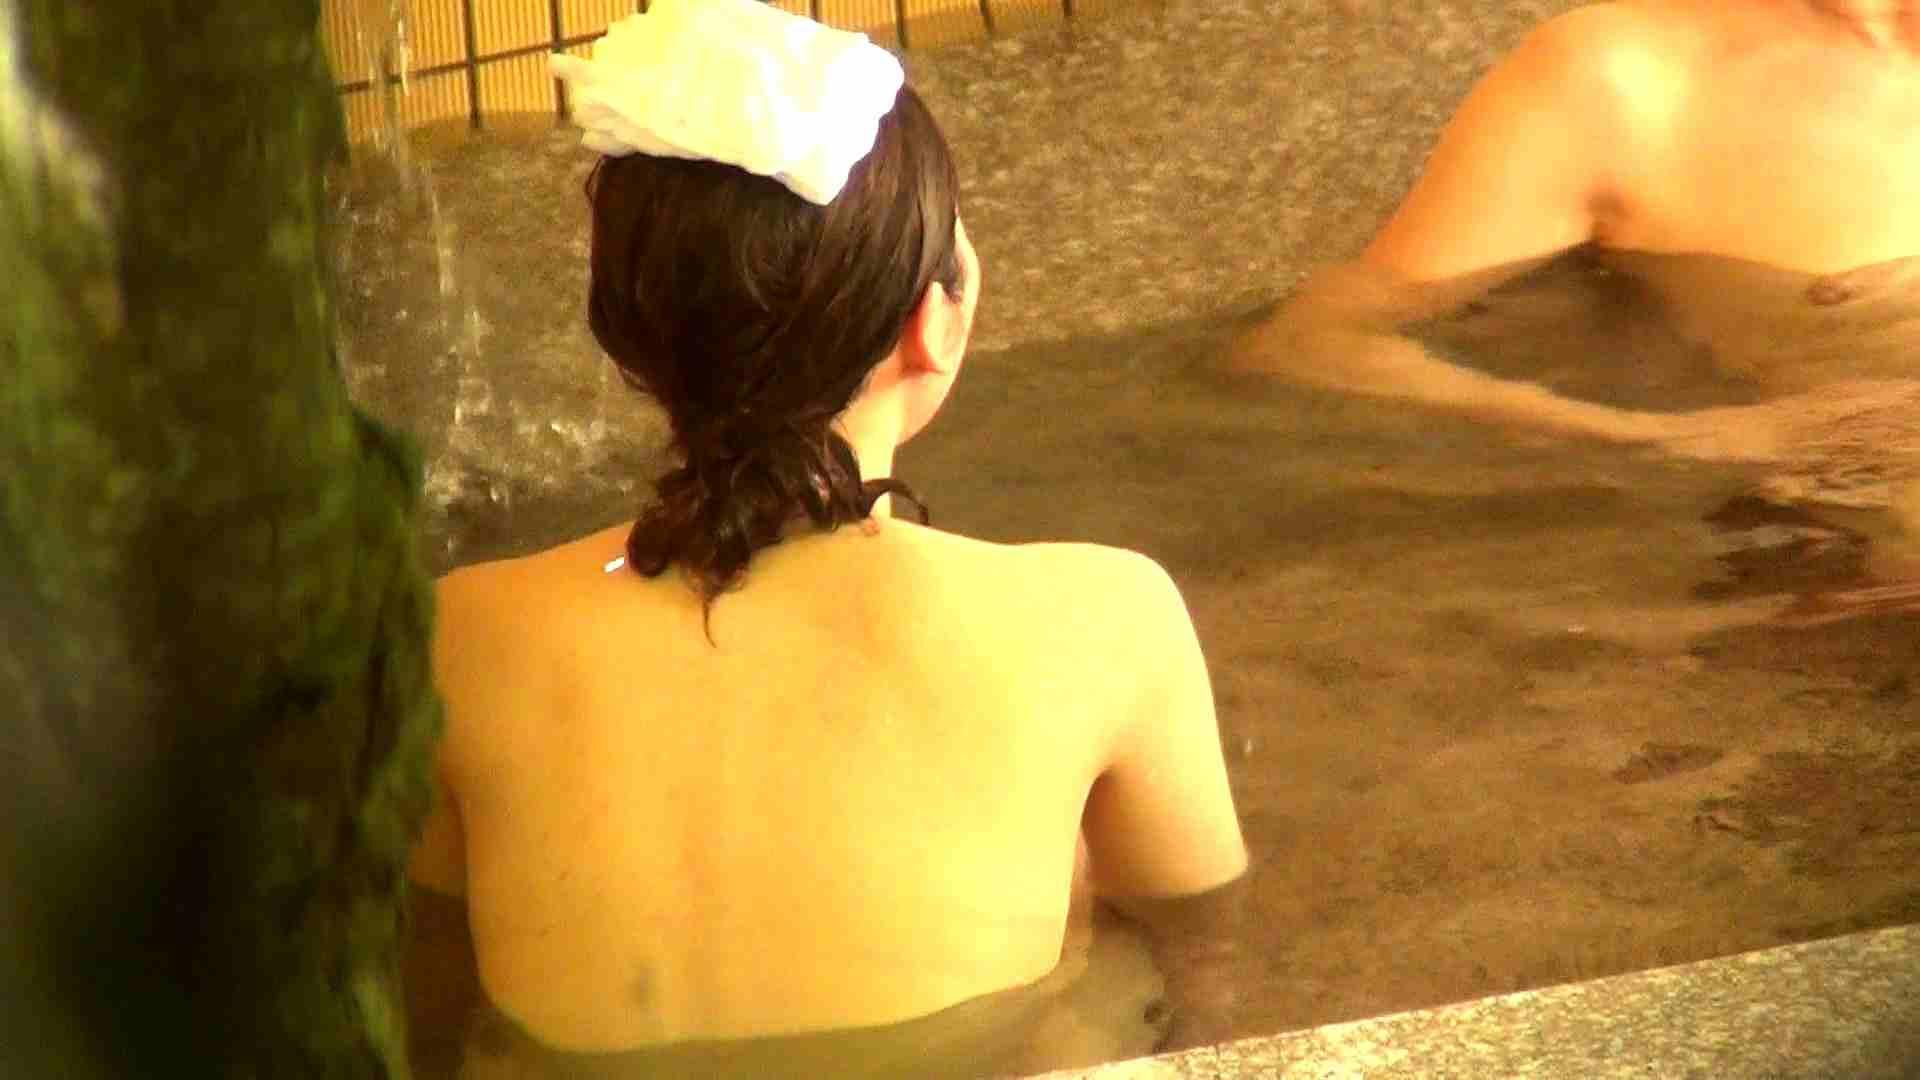 Aquaな露天風呂Vol.268 OLハメ撮り  46Pix 43